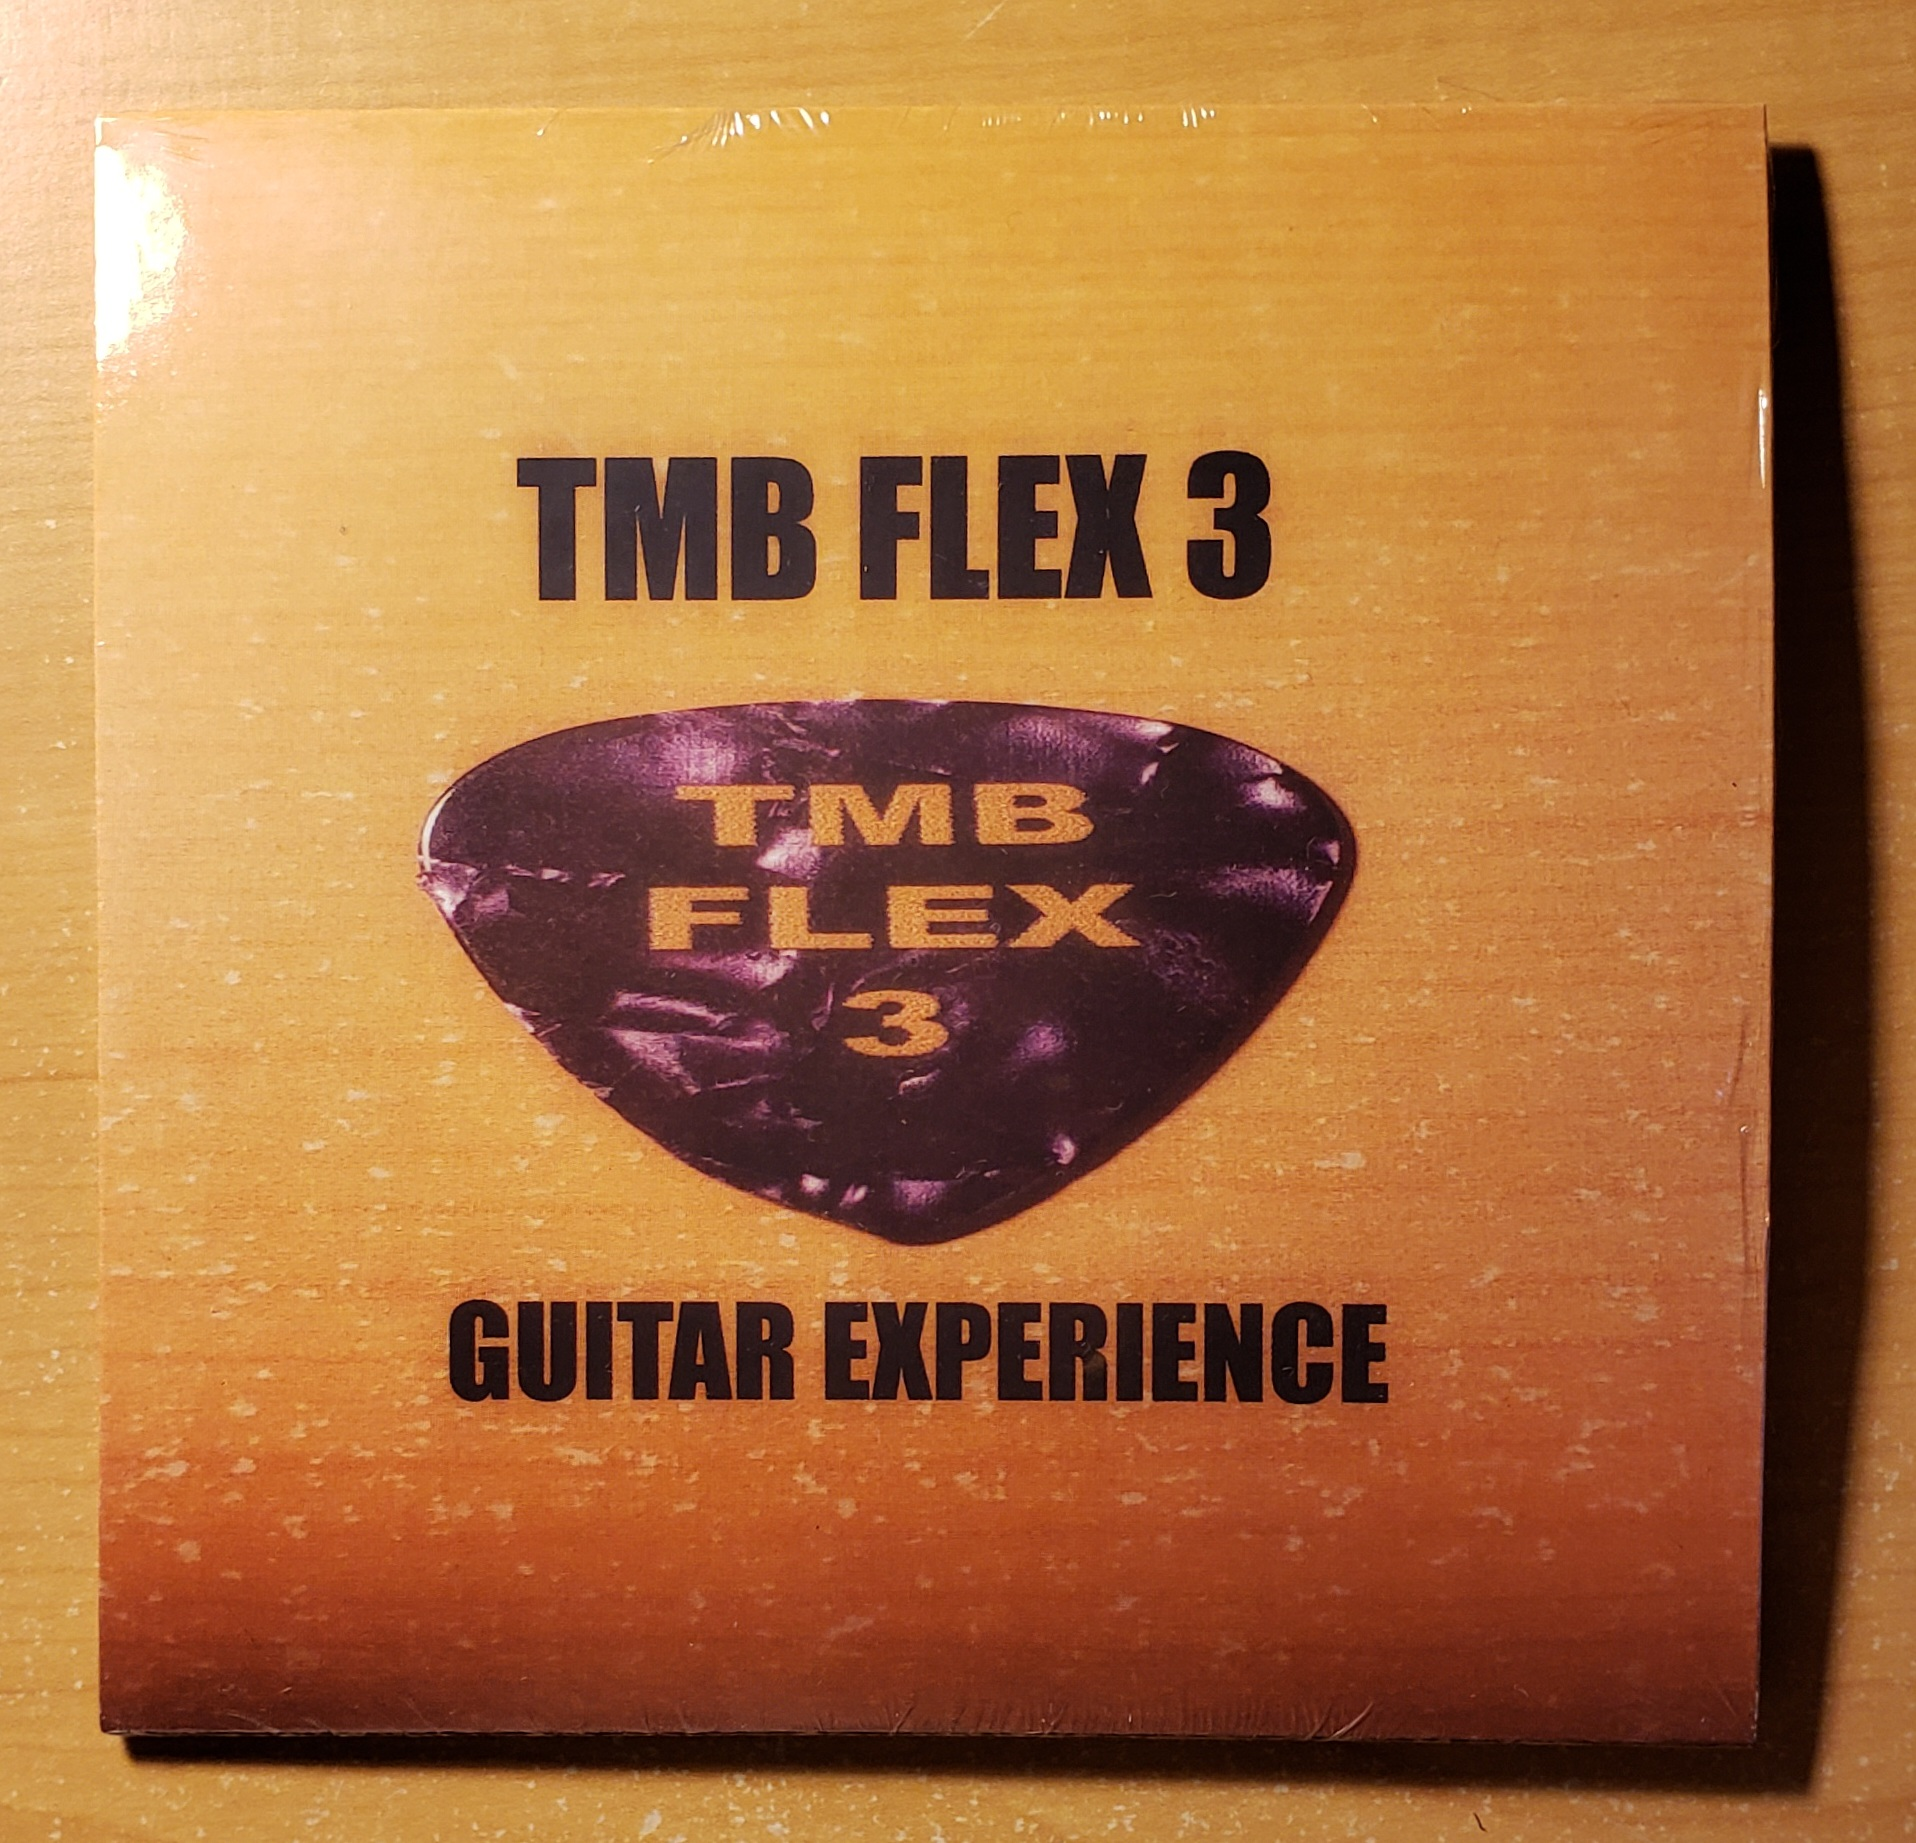 Tmb flex cd cover